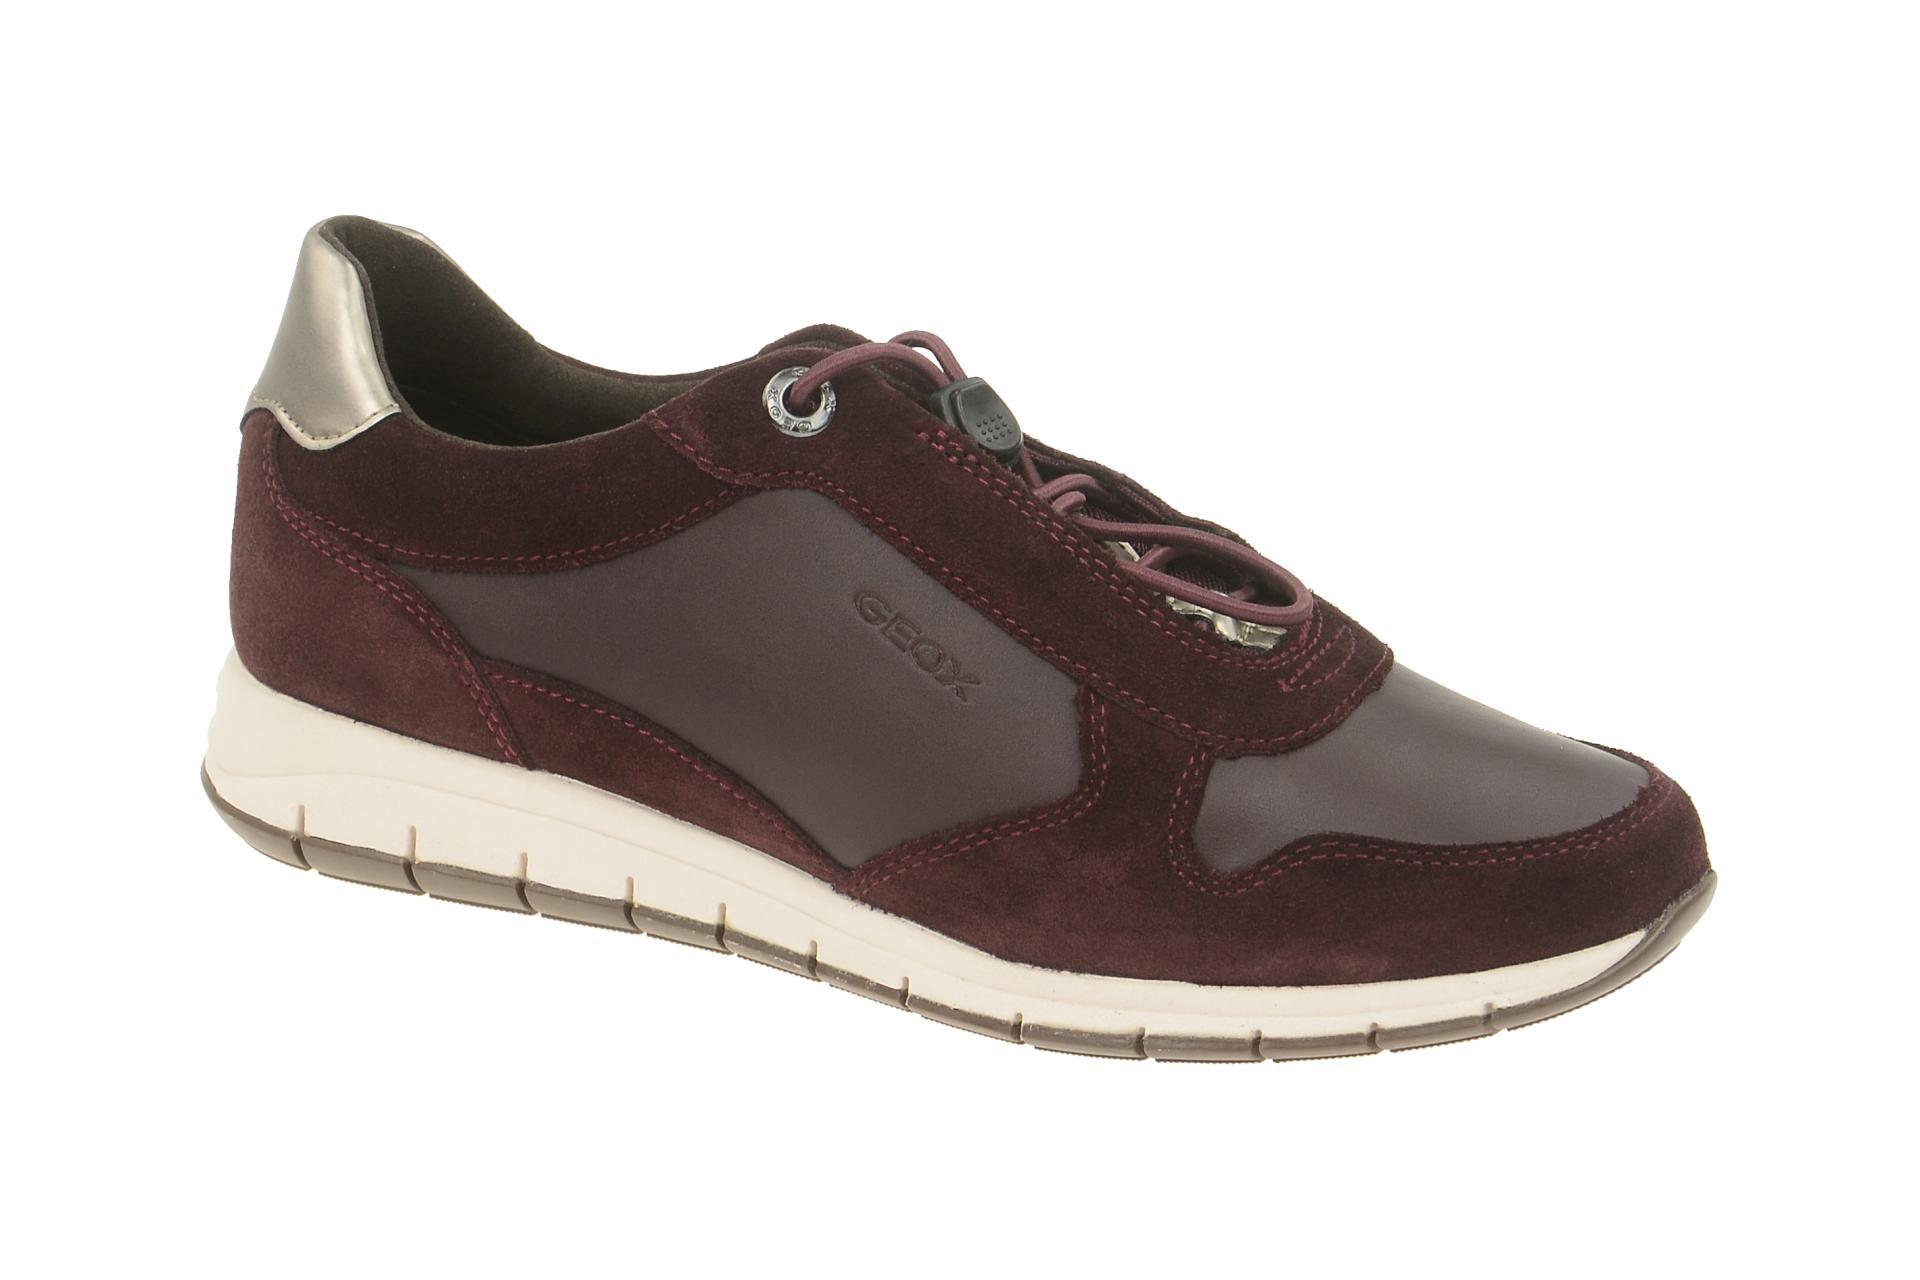 Geox CONTACT CONTACT Damen Damen CONTACT CONTACT zapatos sportliche Schnür Halb ... c77ebe